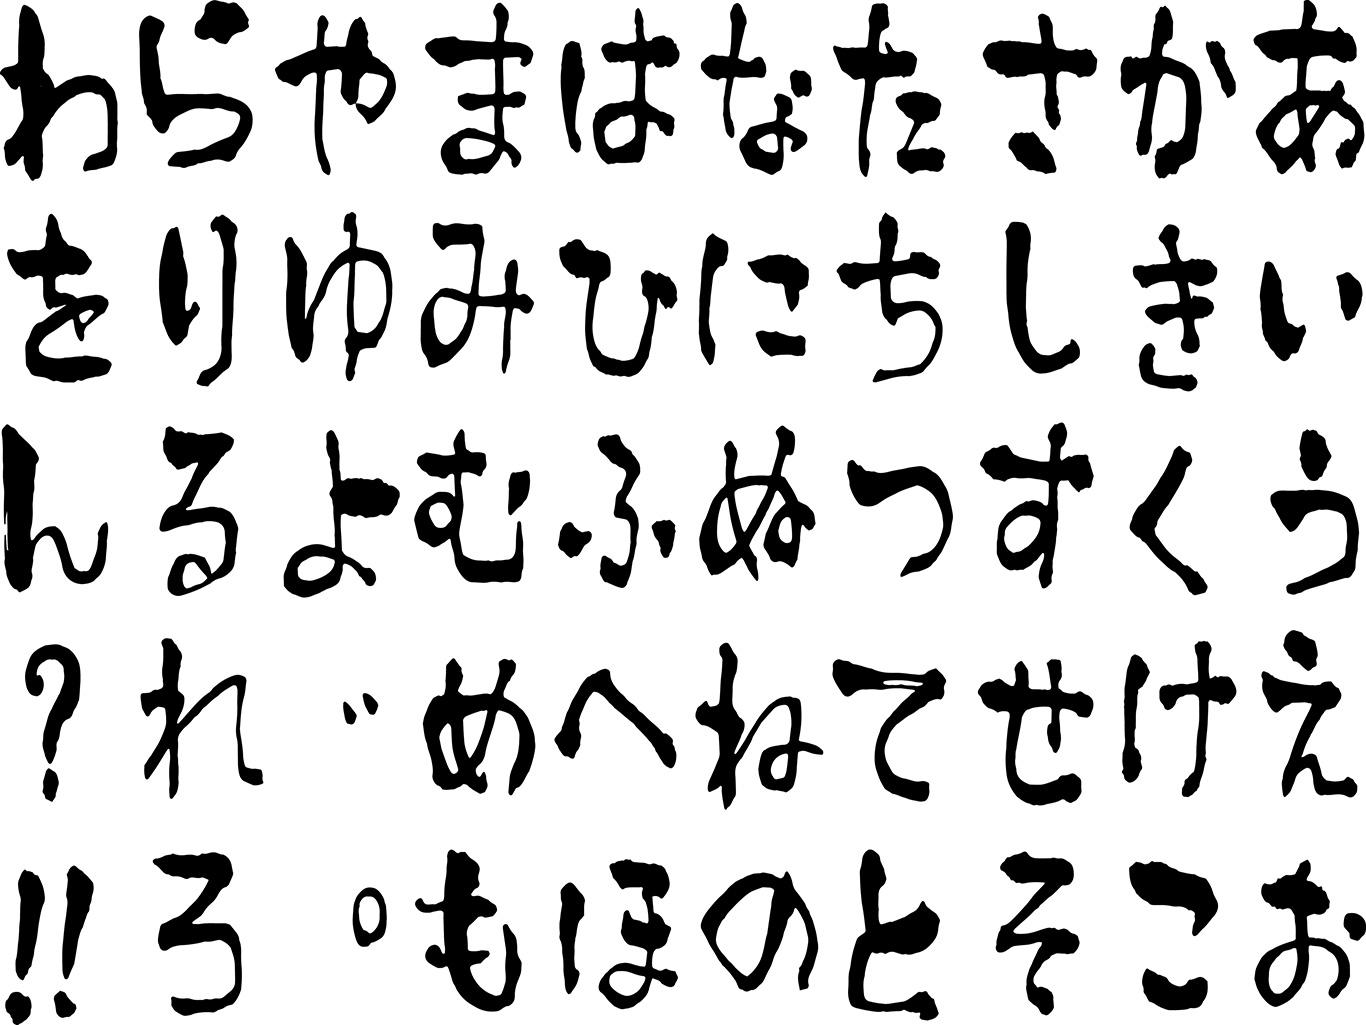 ဂျပန်စကားကိုအသုံးပြုကြပါစို့။/日本語を使いましょう